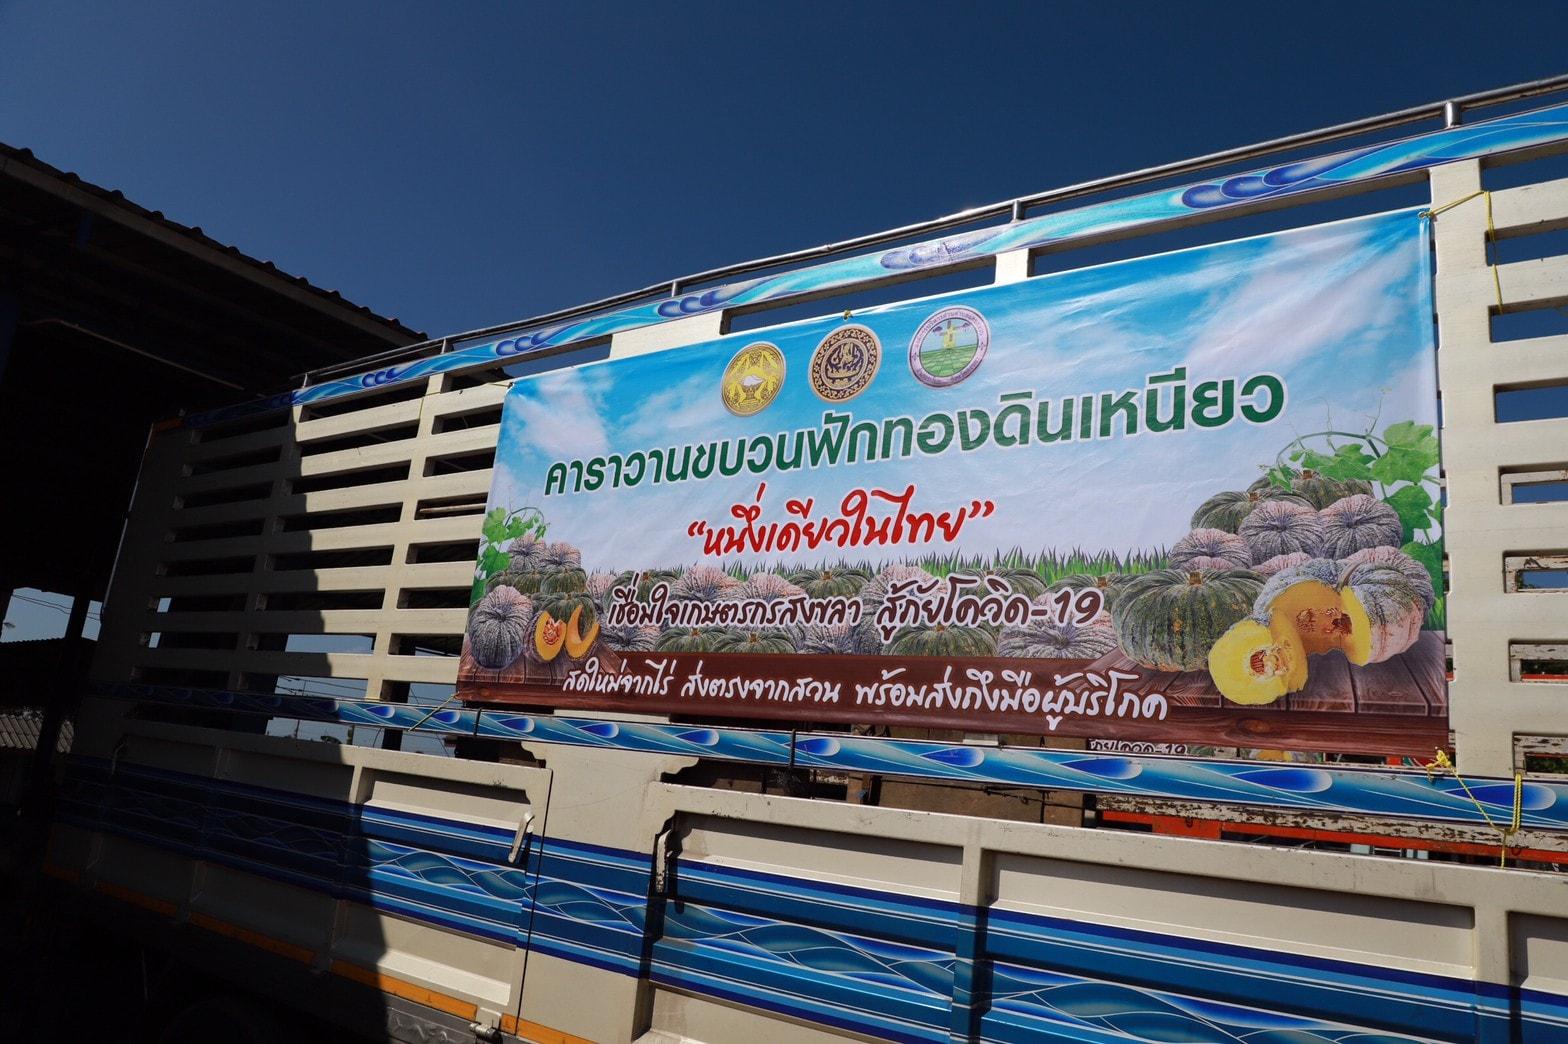 """นายจุรินทร์ ลักษณวิศิษฏ์ รองนายกฯ ประธานพิธีปล่อยคาราวานขบวนฟักทองดินเหนียว """"หนึ่งเดียวในไทย"""" ณ วัดเกษตรชลธี ตำบลตะเครียะ อำเภอระโนด จังหวัดสงขลา"""